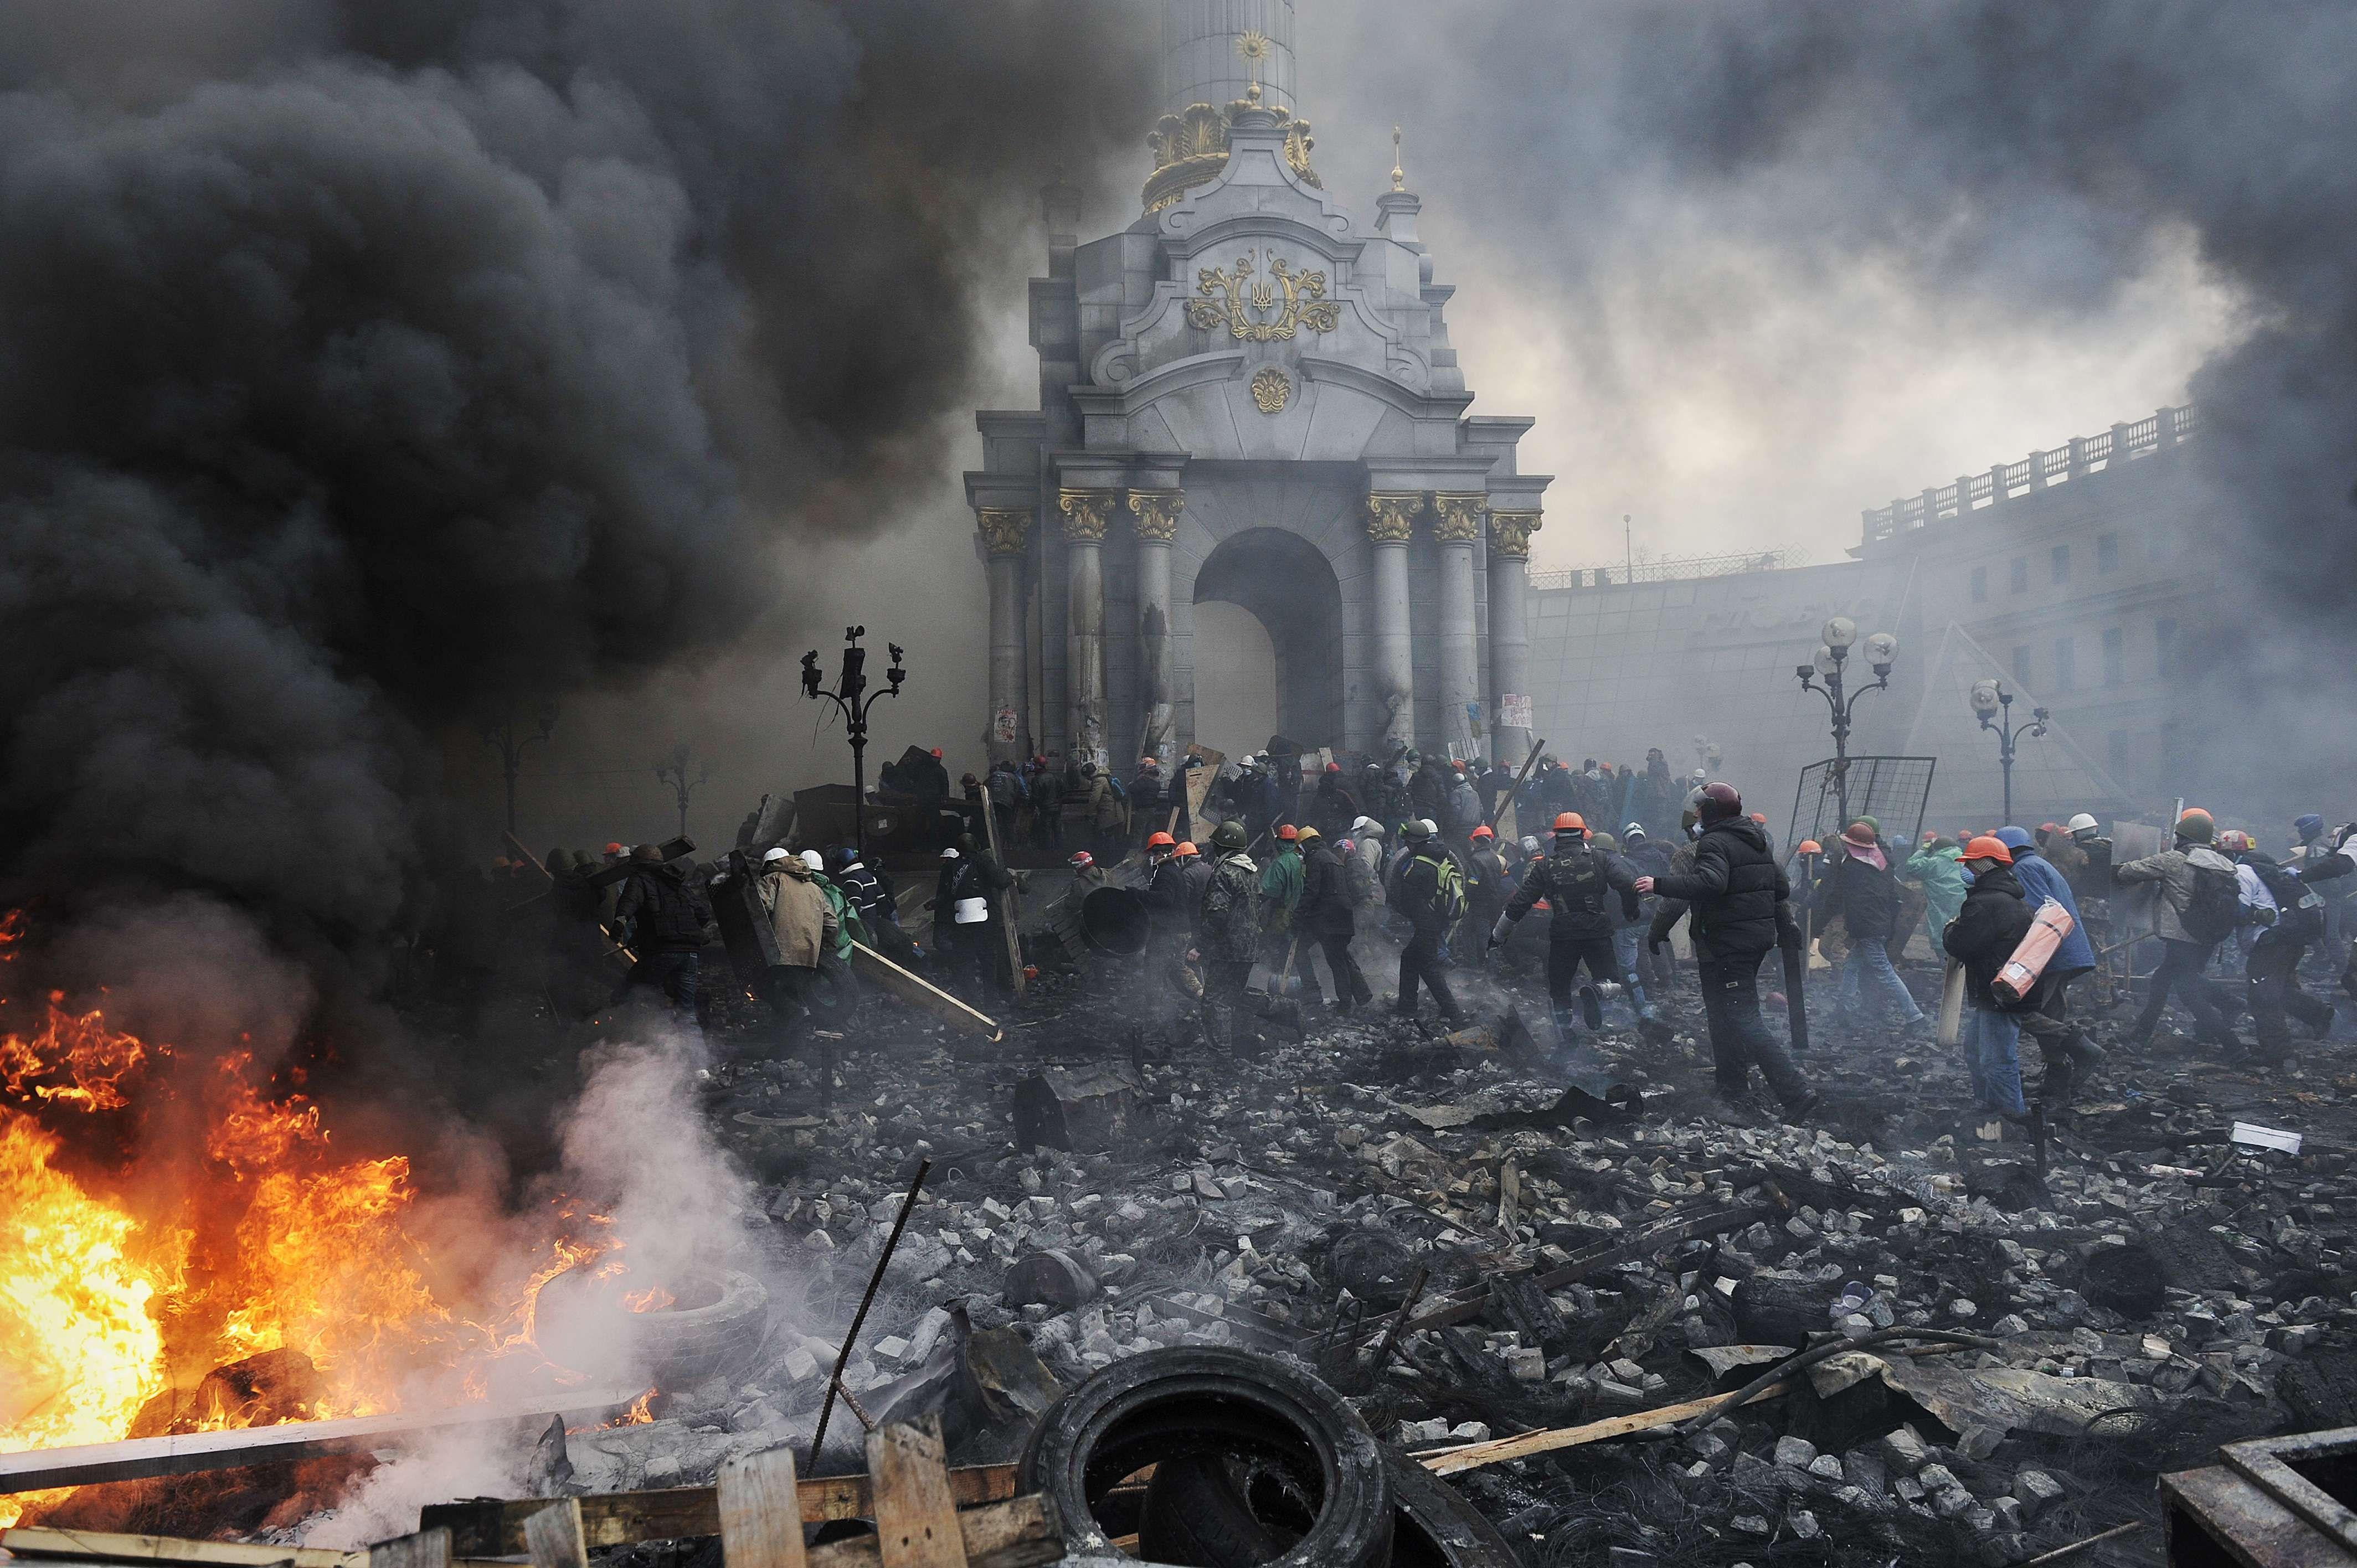 Кризис на Украине спровоцировал процессы, ведущие к войне- Kapital.kz